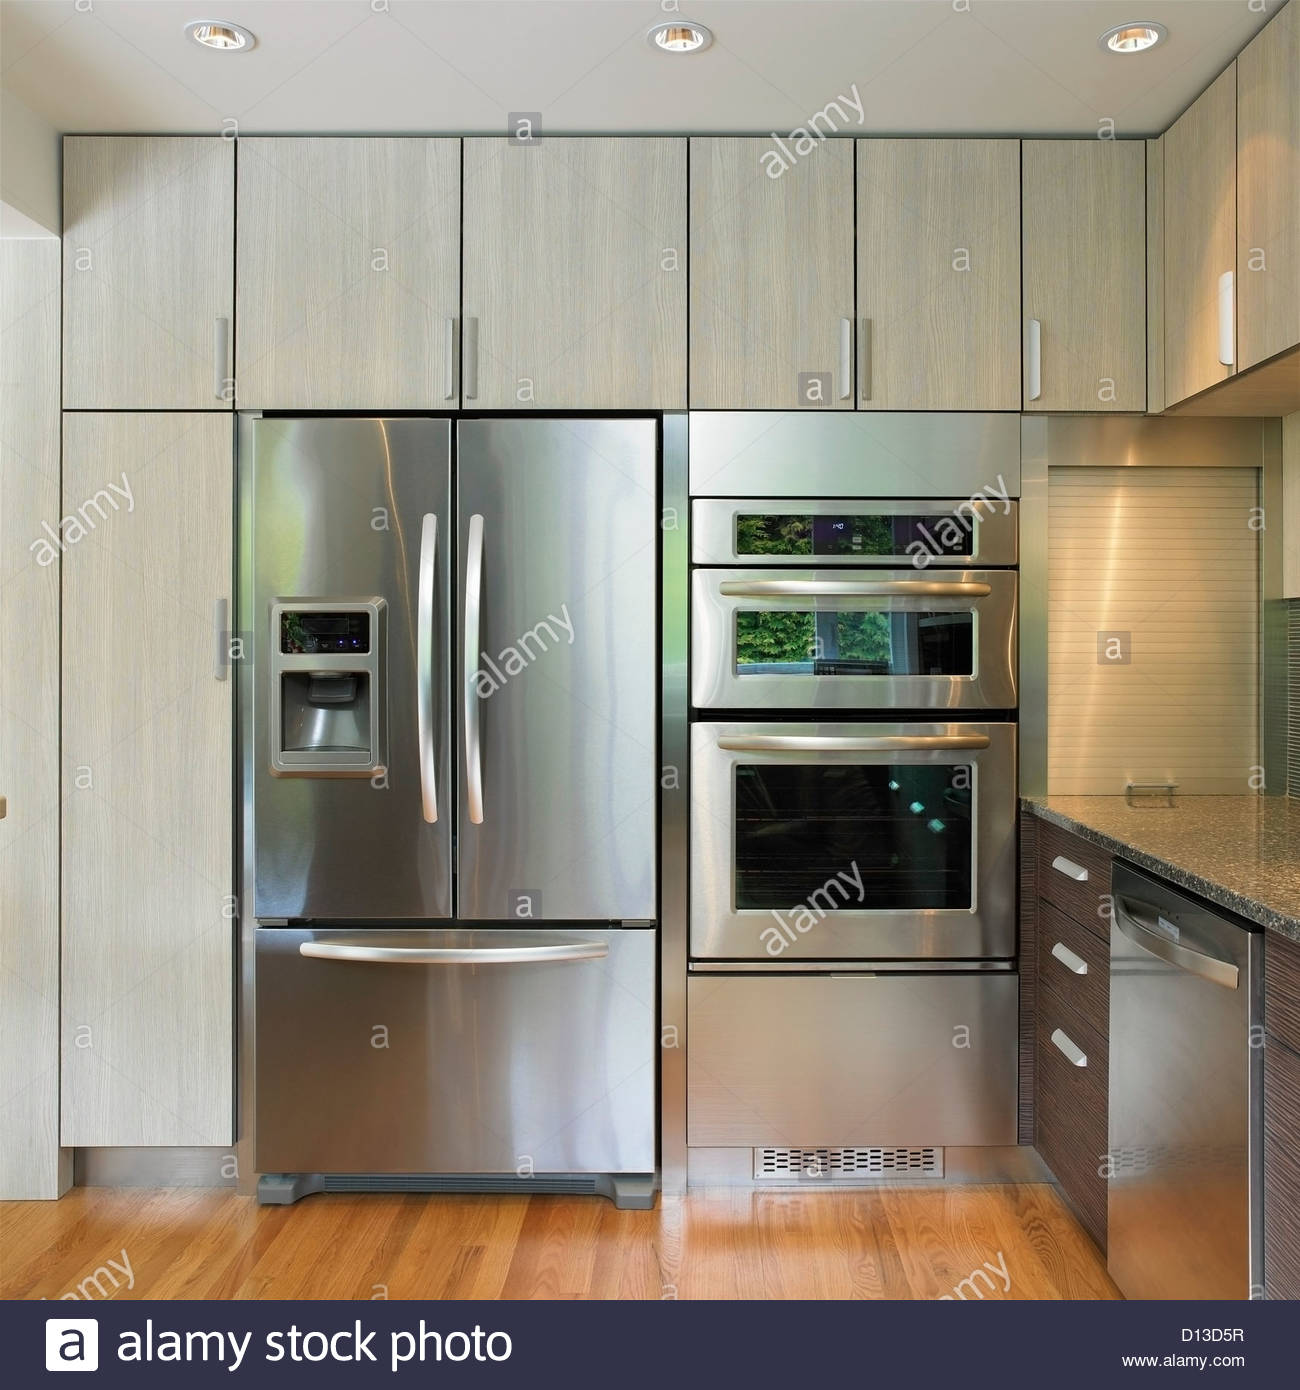 Full Size of Küchenwand Kchenwand Mit Eingebautem Khlschrank Und Wand Ofen Victoria Wohnzimmer Küchenwand